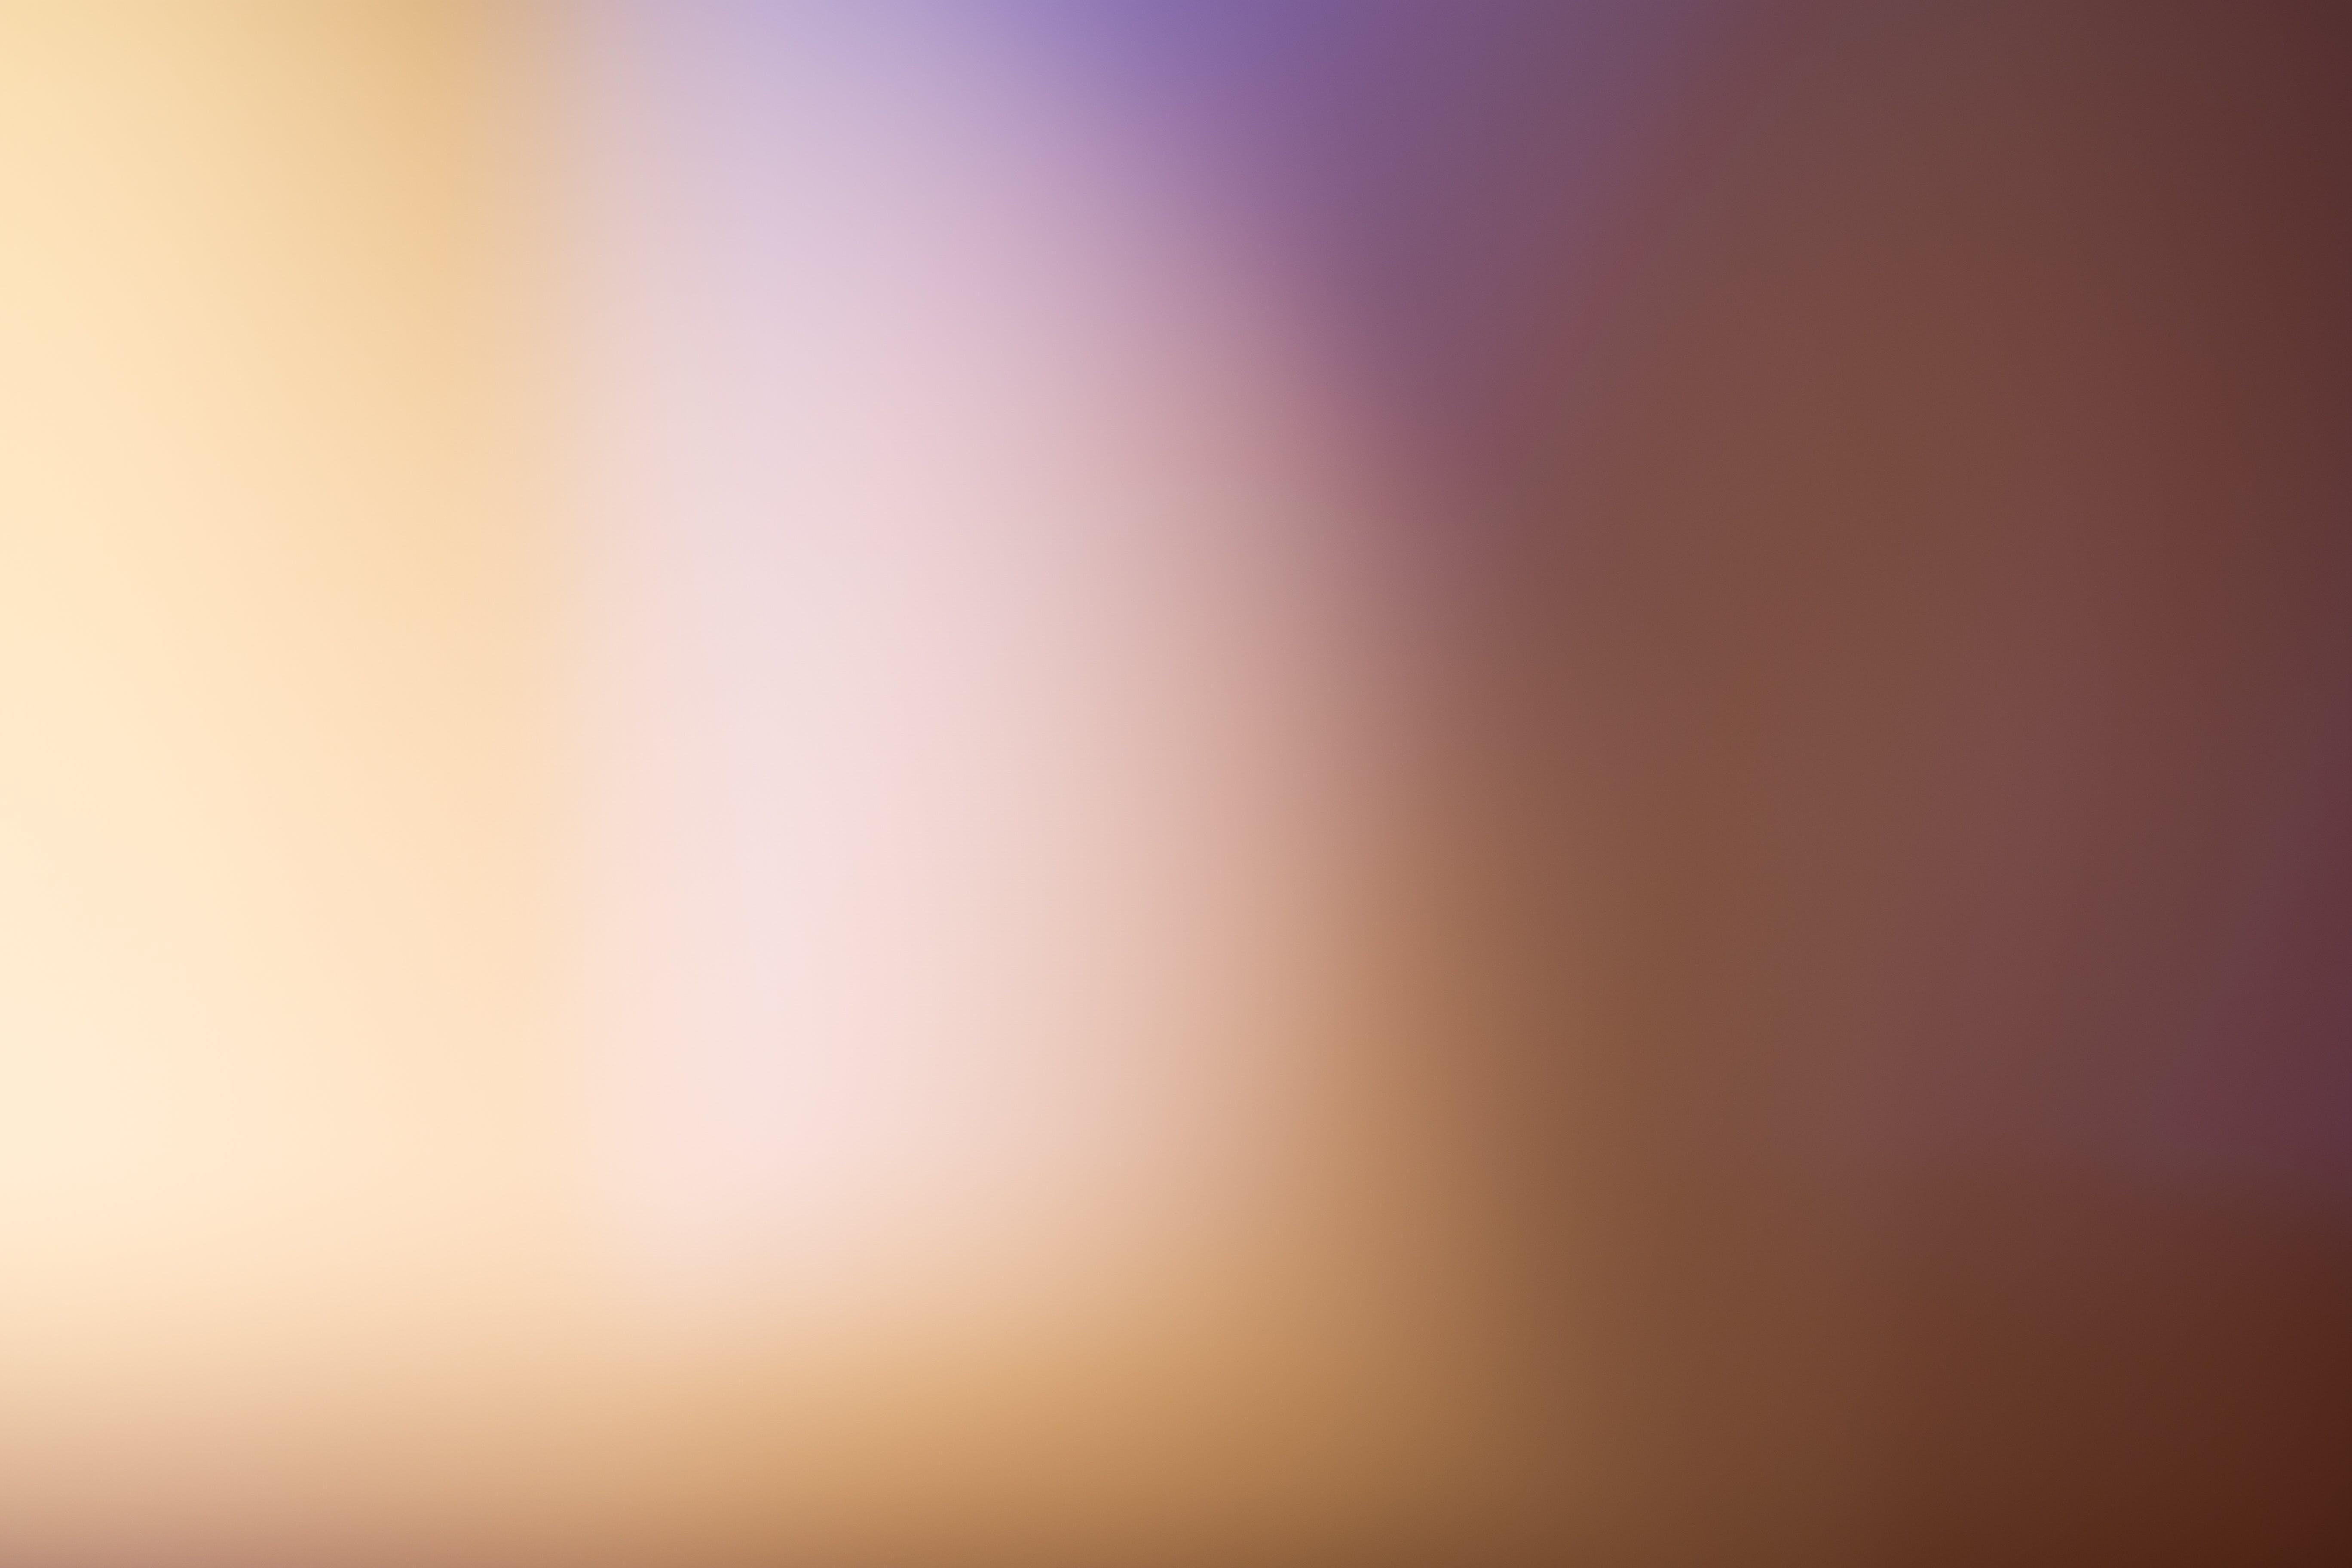 4k wallpaper, background, blur